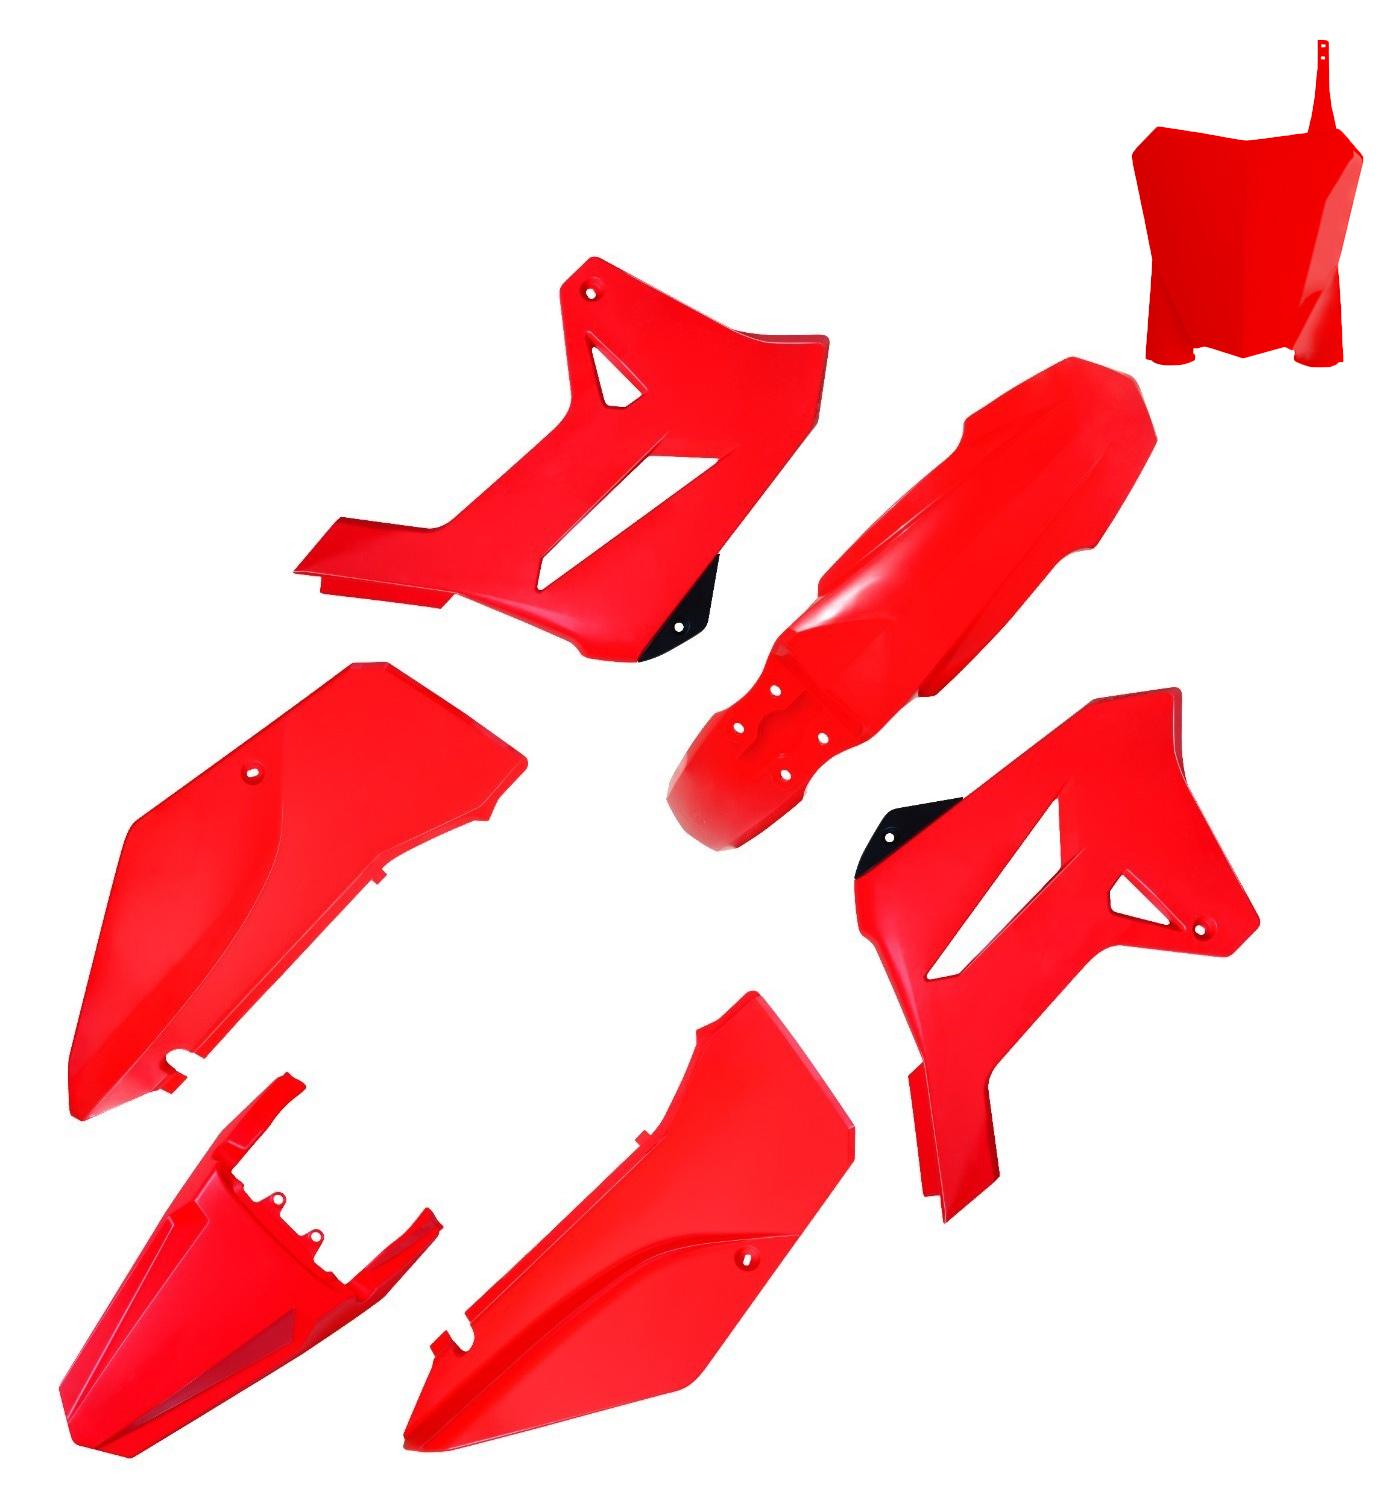 Kit Plástico Carenagem Biker R1de C/ Number Plate First Xr 250 Tornado